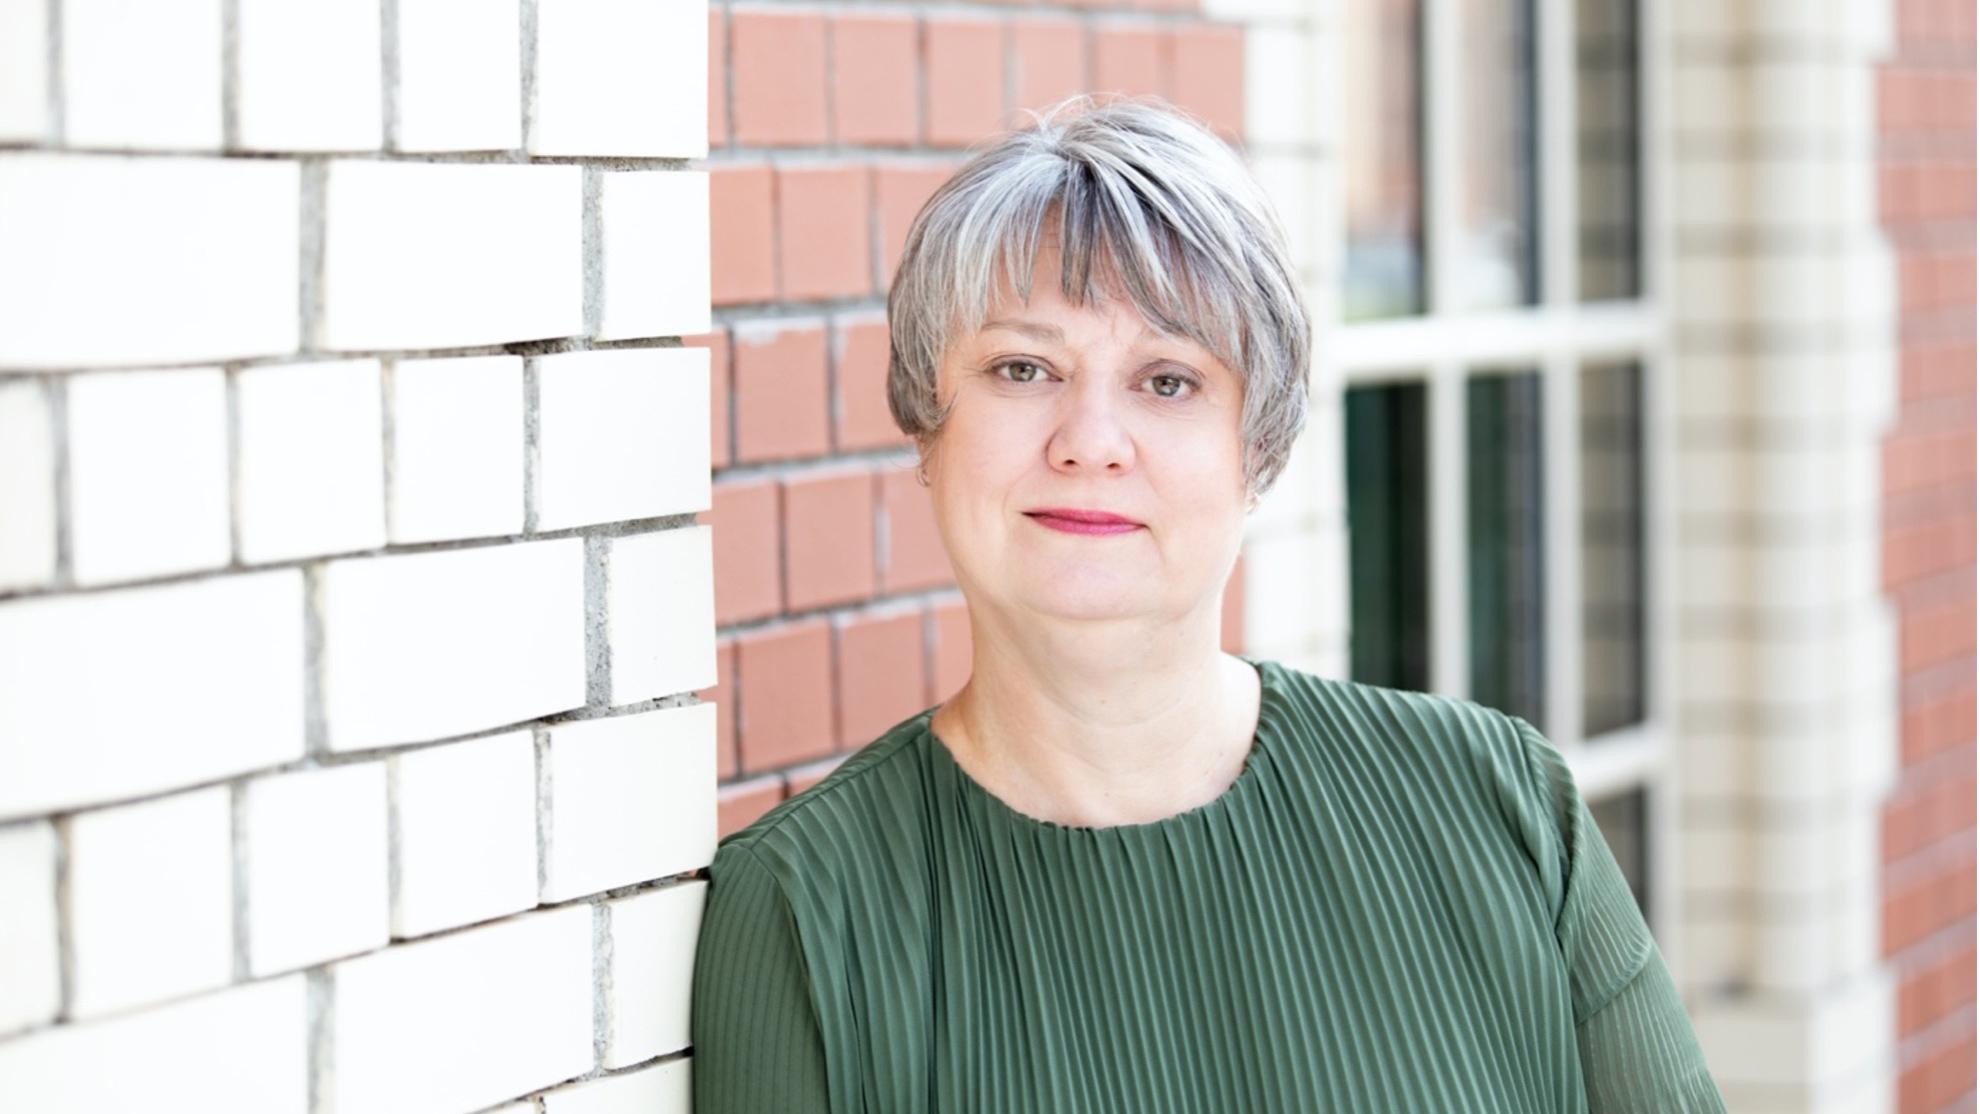 Elke Müller, Geschäftsführerin von compass international, weiß: Reintegration startet am ersten Tag